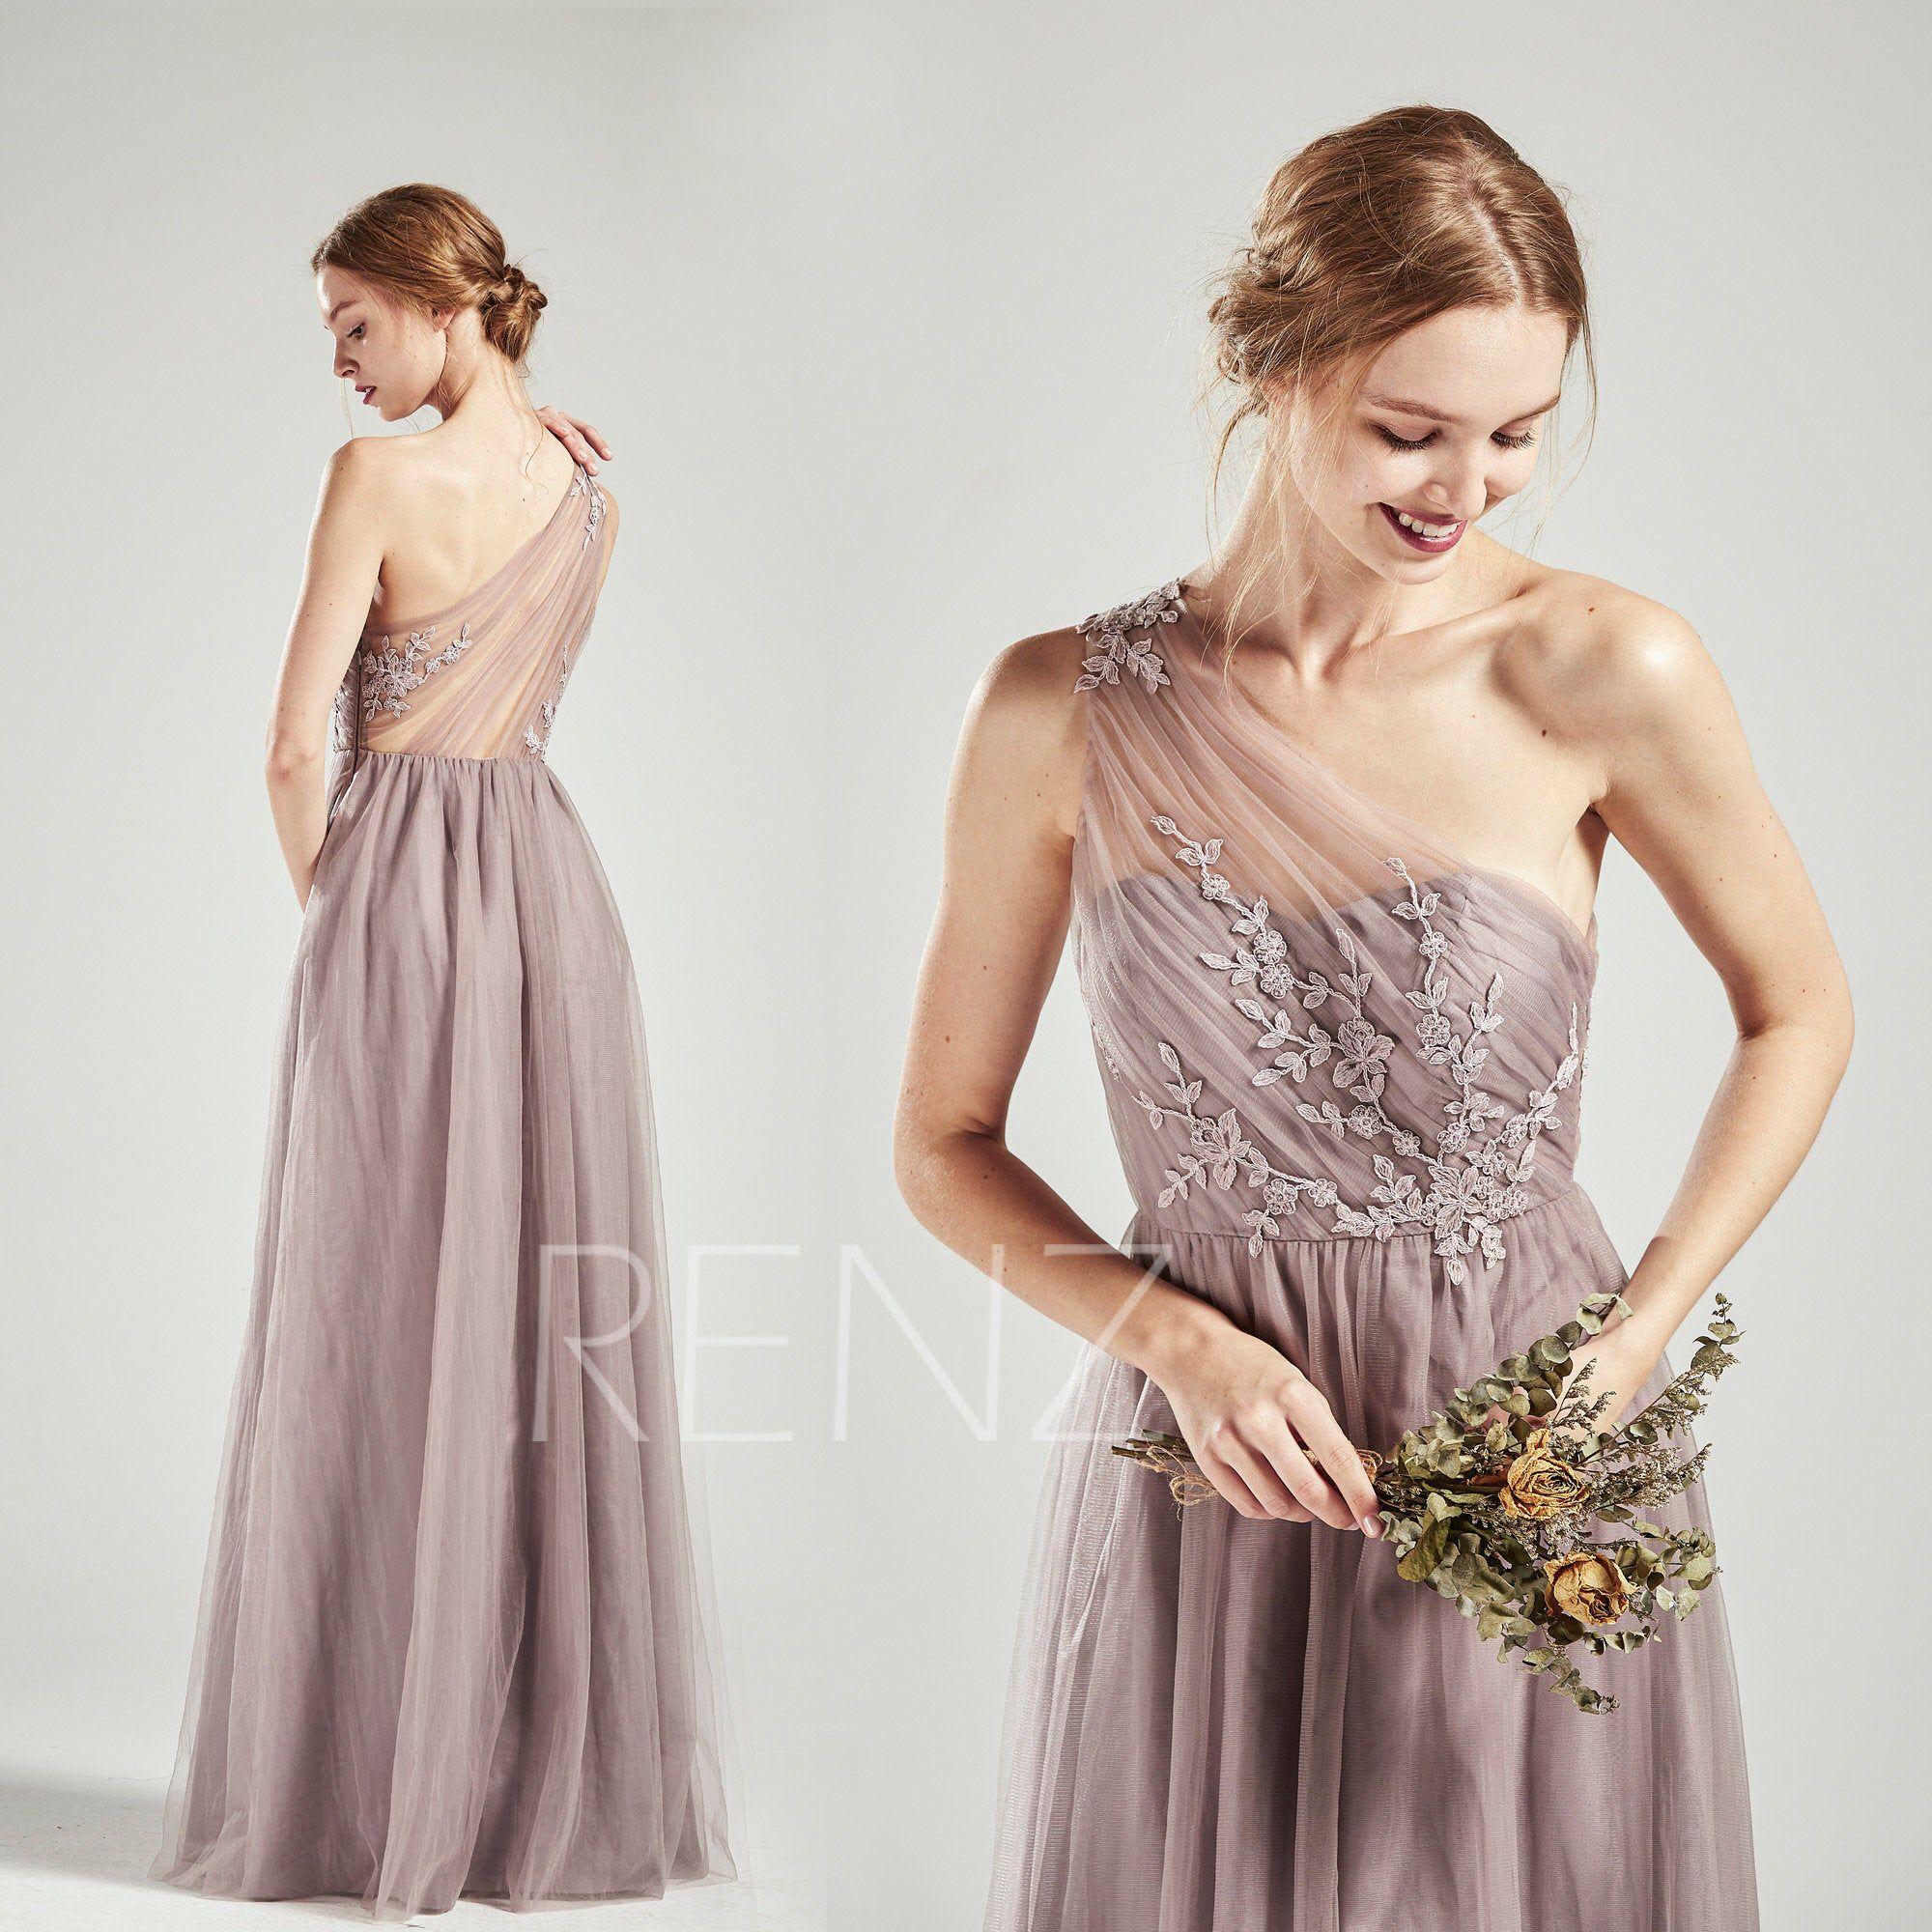 Bridesmaid Dress Mauve Tulle Long Party Dress One Shoulder